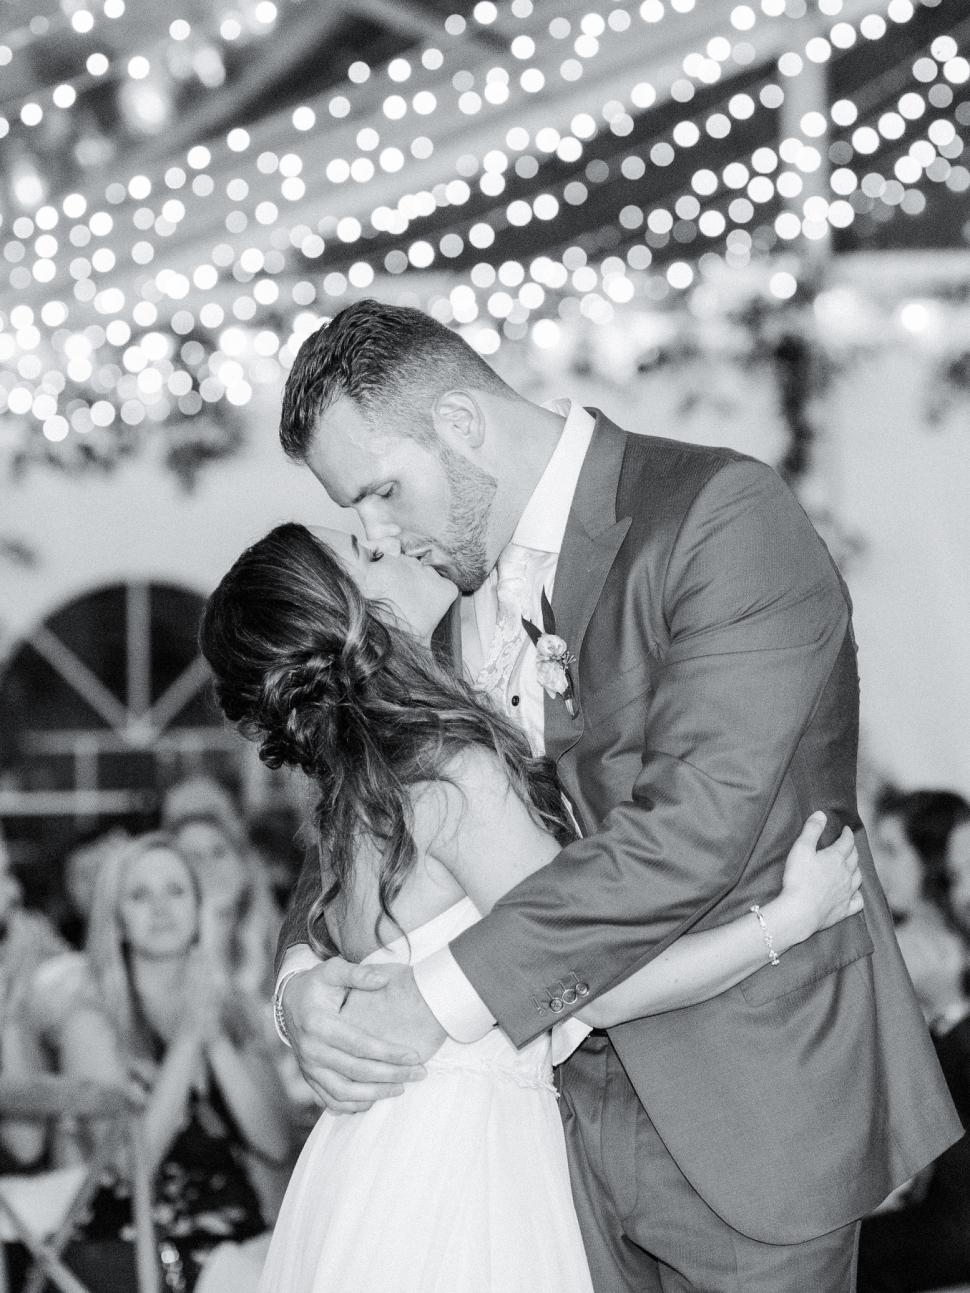 New-Jersey-Wedding-Photographer-Cassi-Claire-Inn-at-Fernbrook-Farms-Wedding_39.jpg